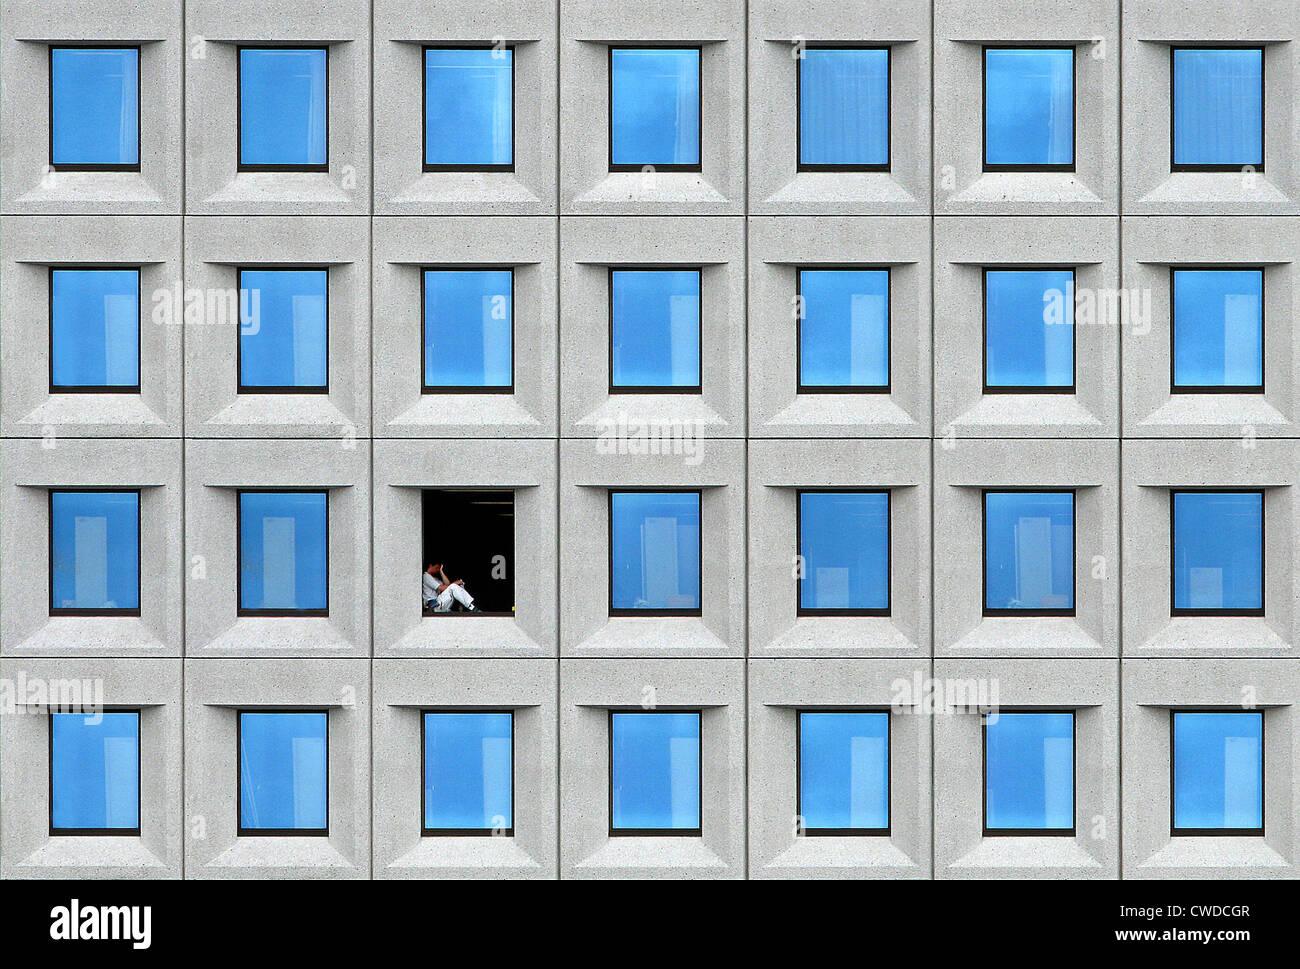 Architektur, Einsamkeit, Einsamkeit, Entspannung, Erholung, Fenster, Mittagspause Stockbild